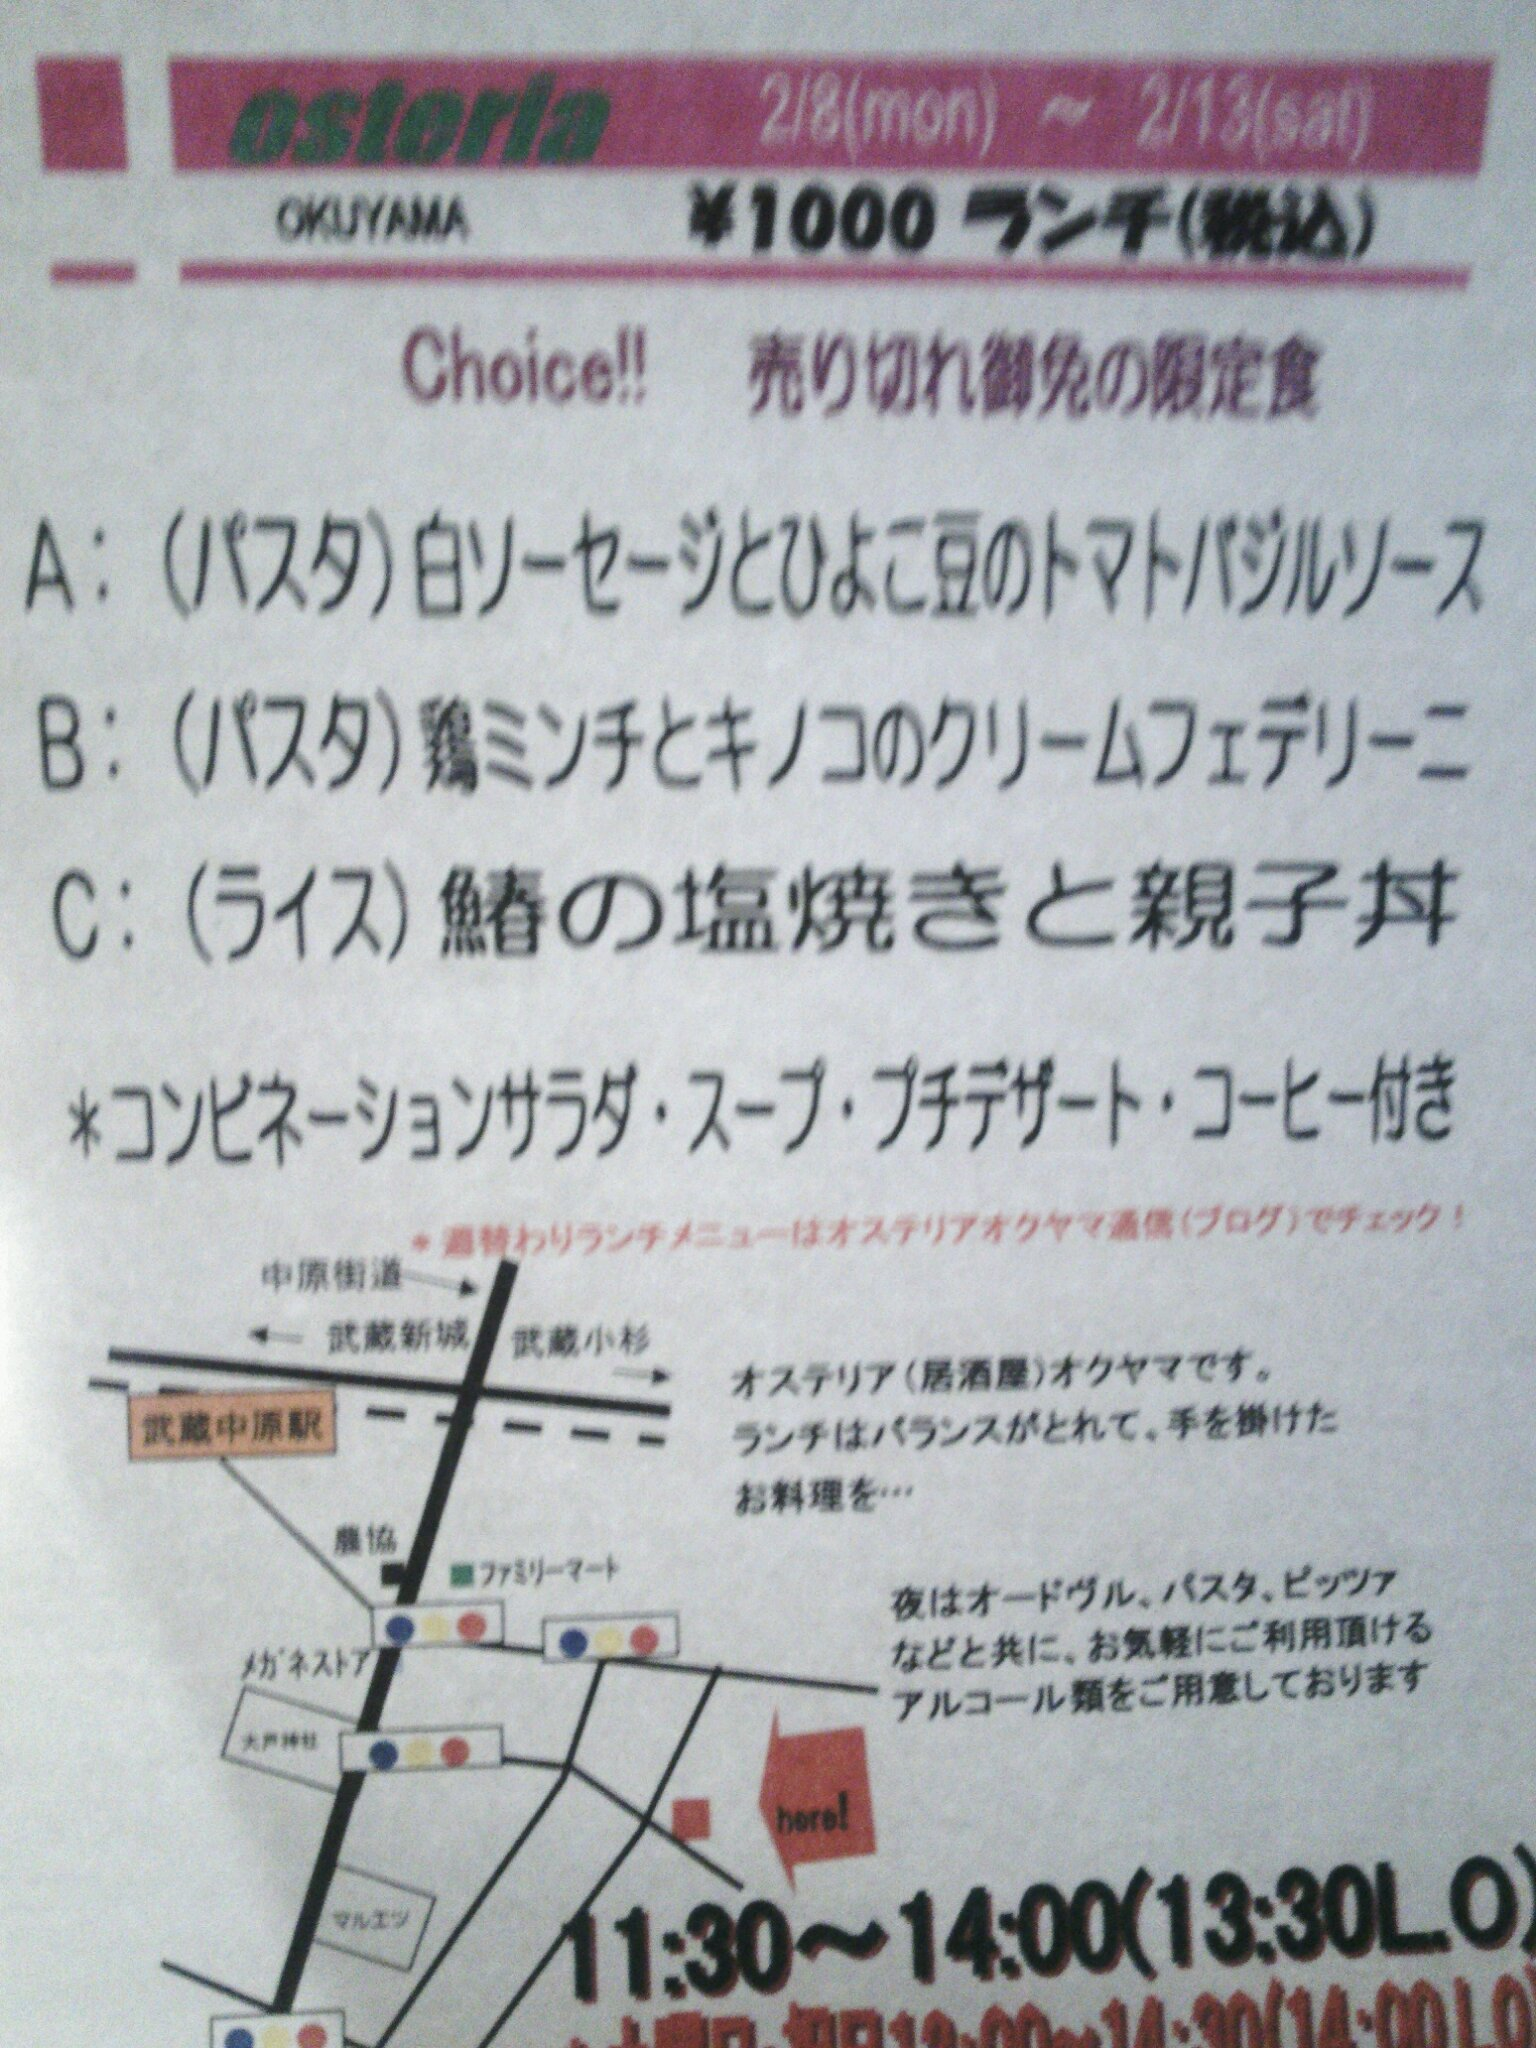 2/8(月)〜2/13(土)ランチ